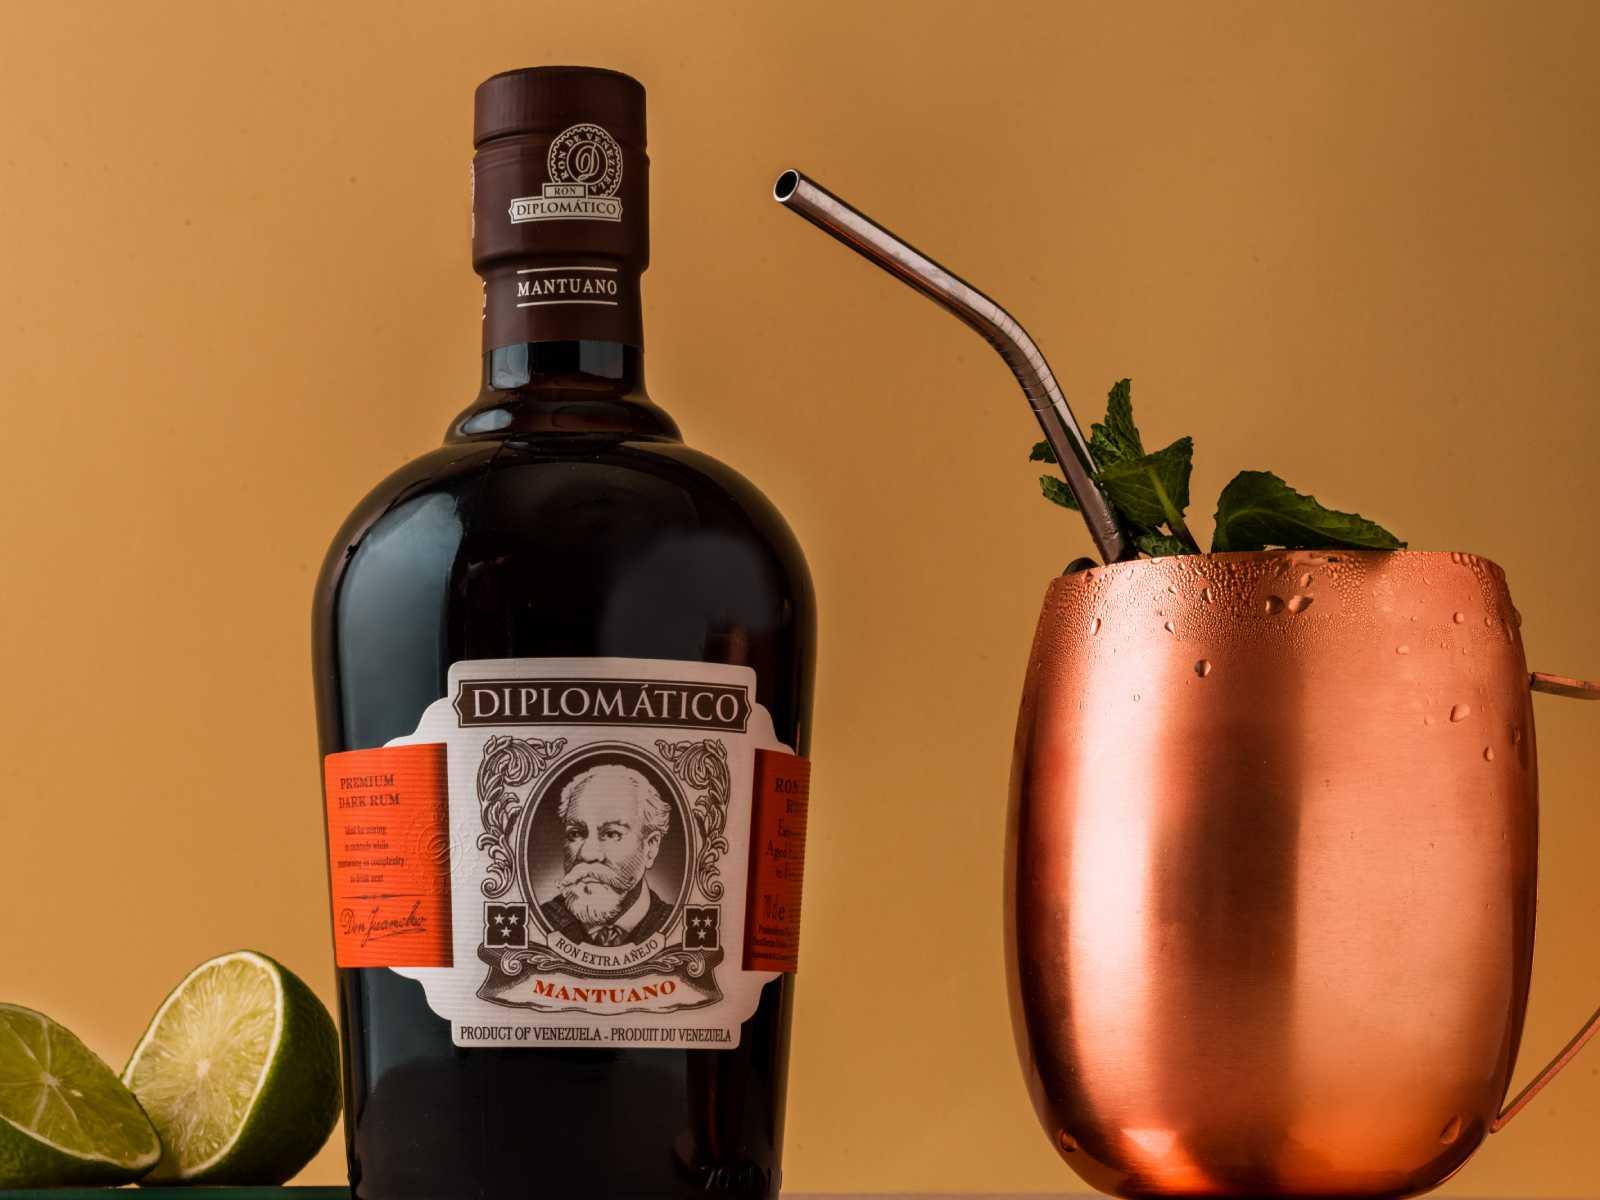 Rum Mule Diplomatico Mantuano